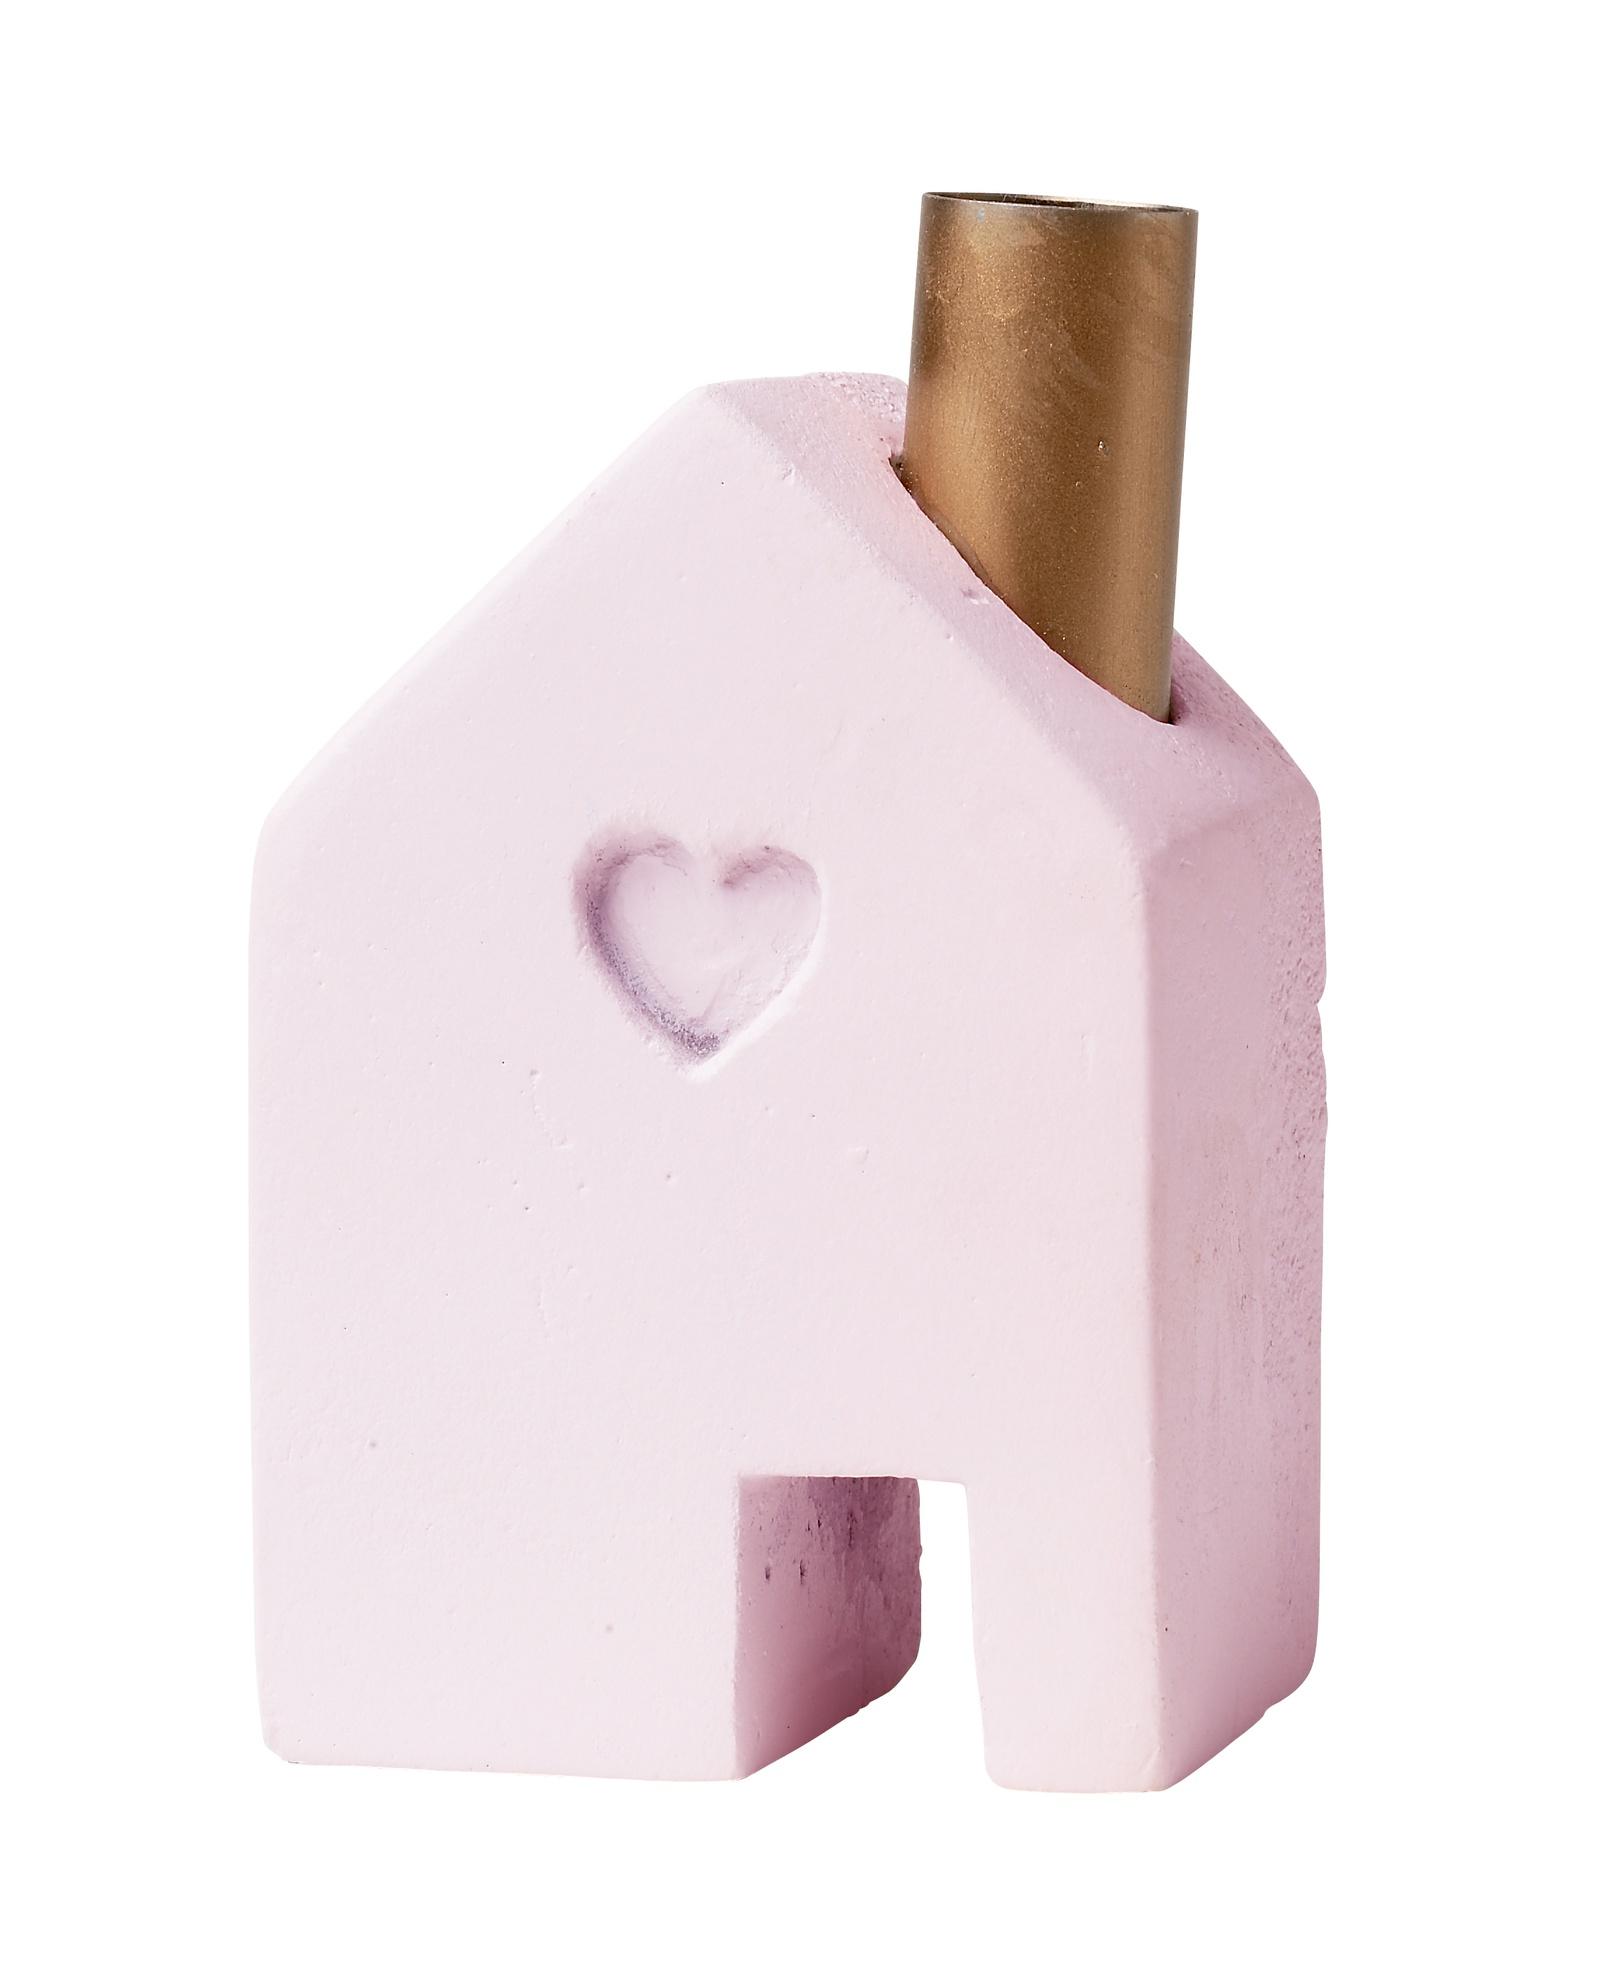 цена Декоративный элемент Molly Marais House, Размер: высота 9, длина 5,8, ширина 4., Цвет: розовый, DE520006 онлайн в 2017 году